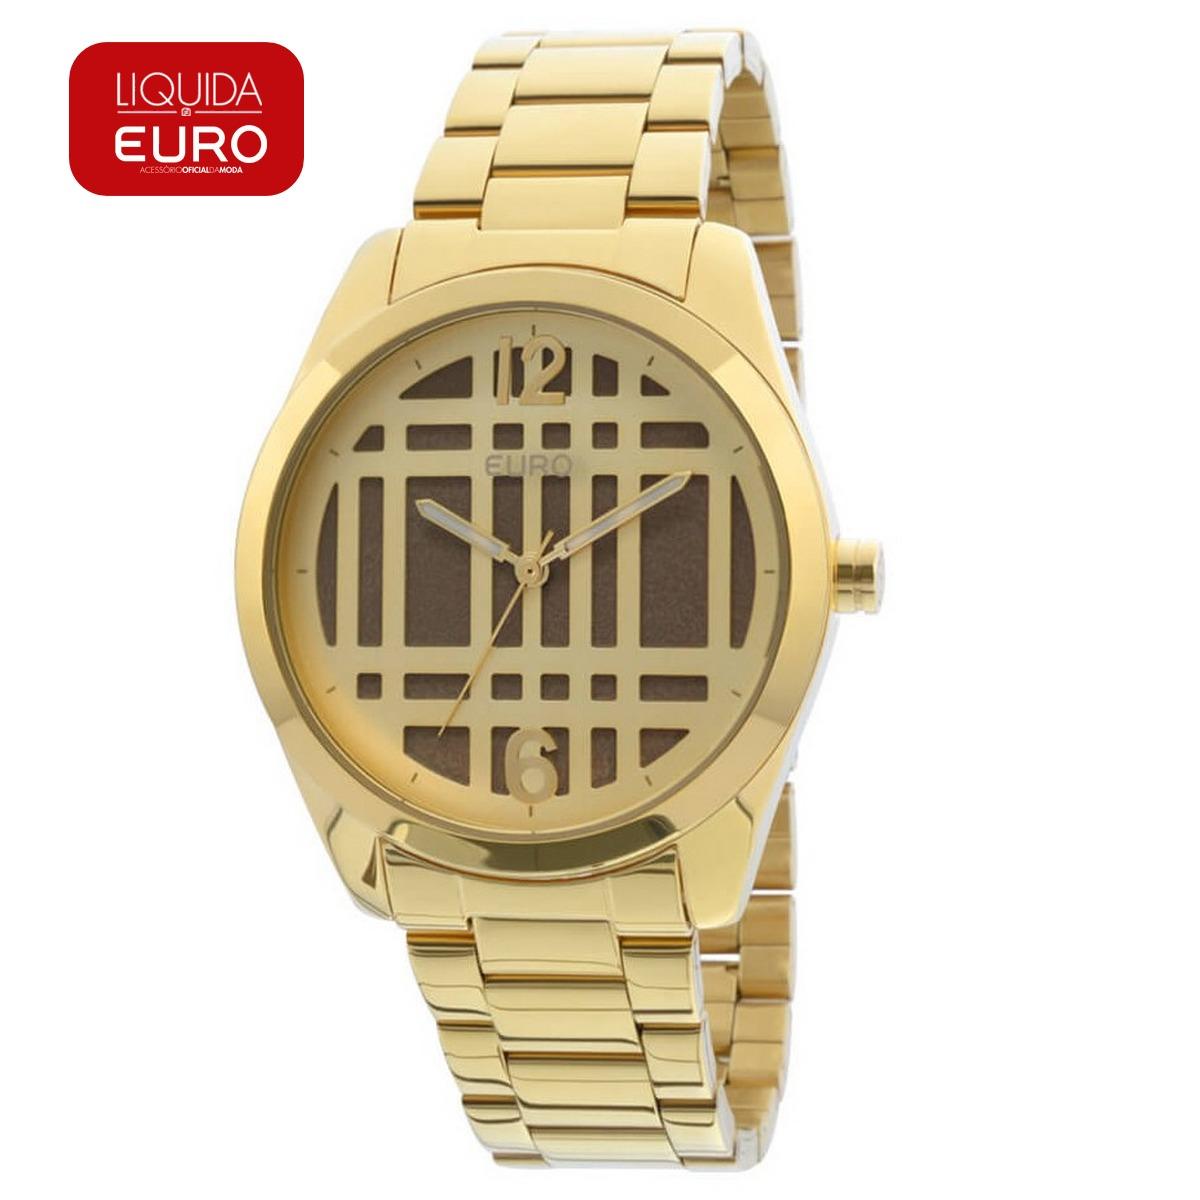 91e1bea6f95 Relógio Euro Feminino Dourado Analógico - Eu2039ih 4x - R  150